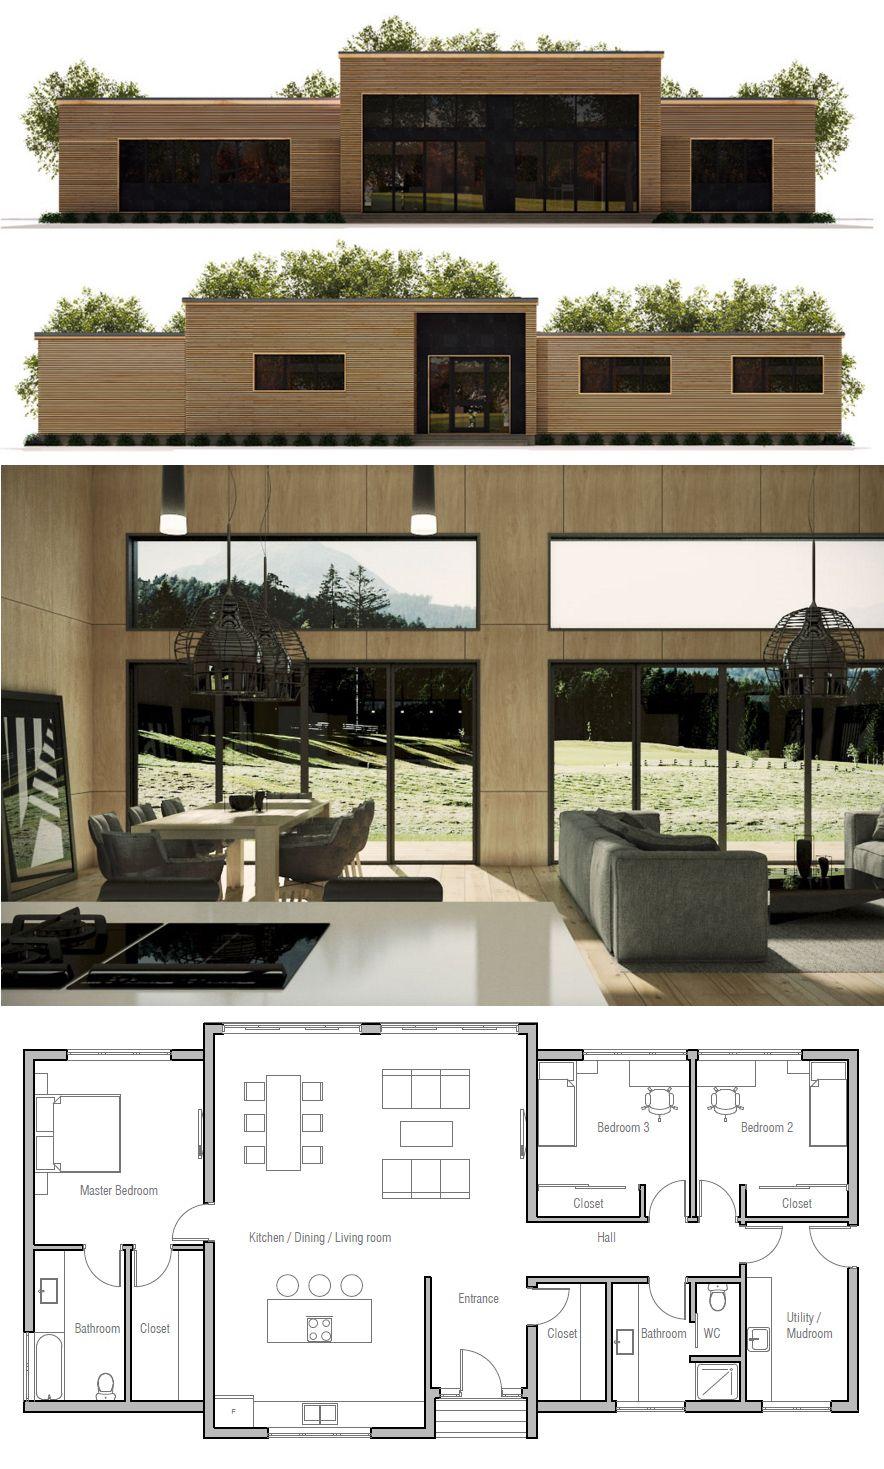 Hausplan einfamilienhaus pinterest grundrisse for Hausplan einfamilienhaus